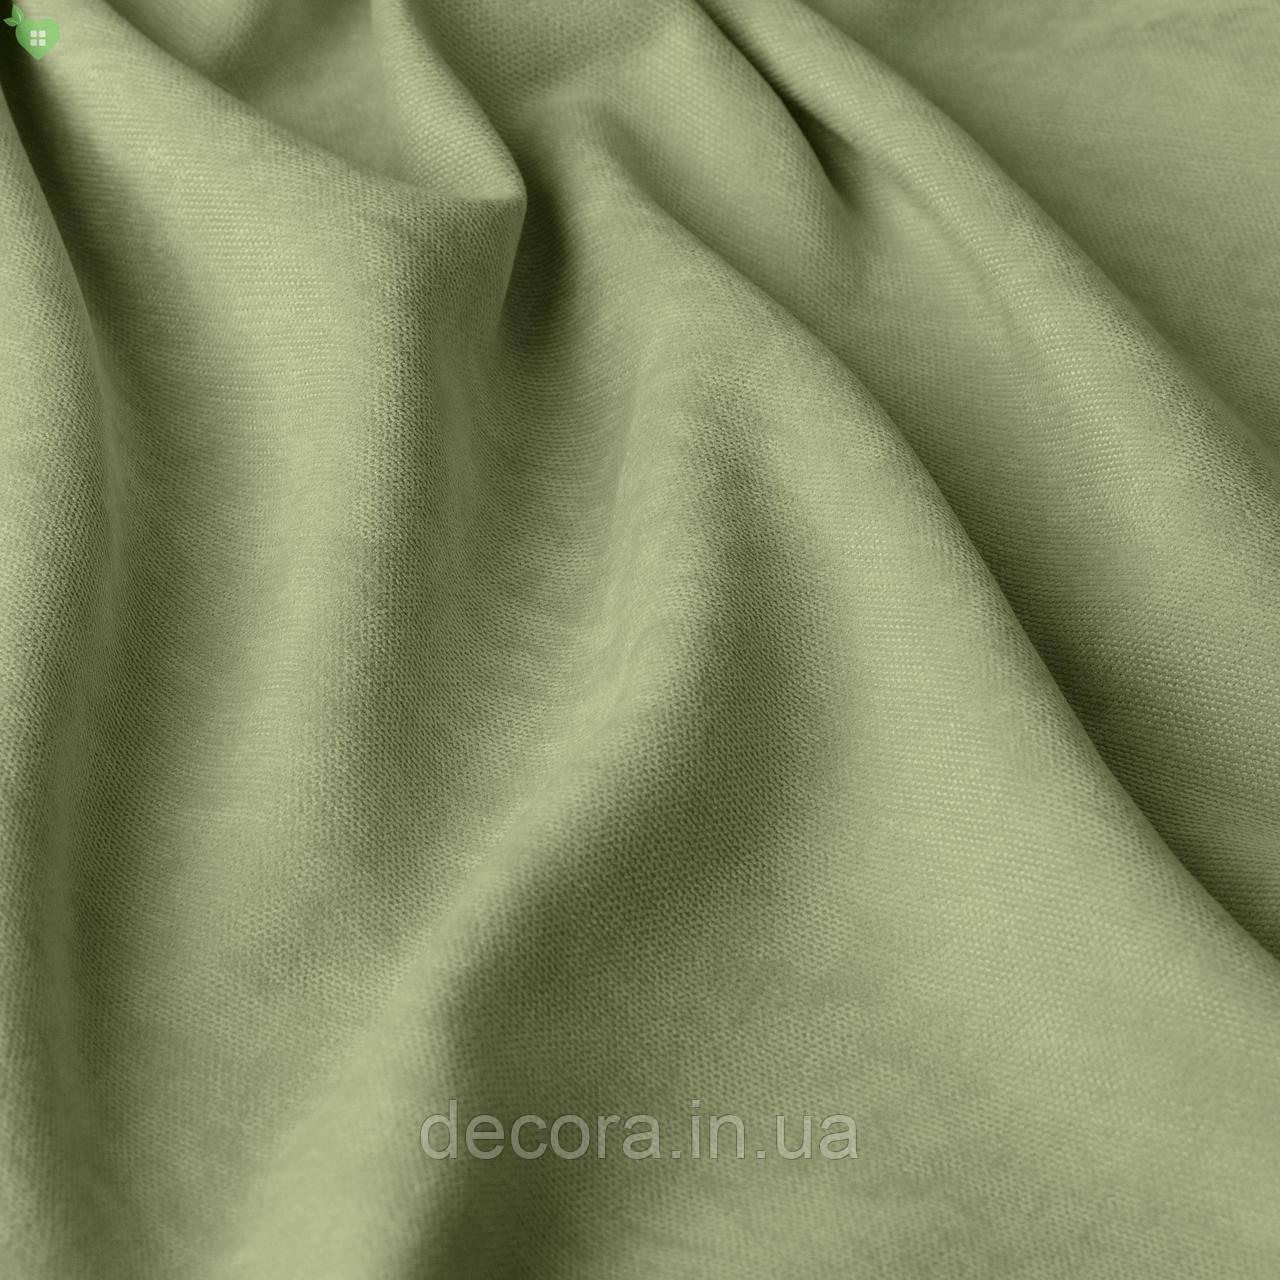 Однотонна декоративна тканина велюр білого кольору, Туреччина 121000v25